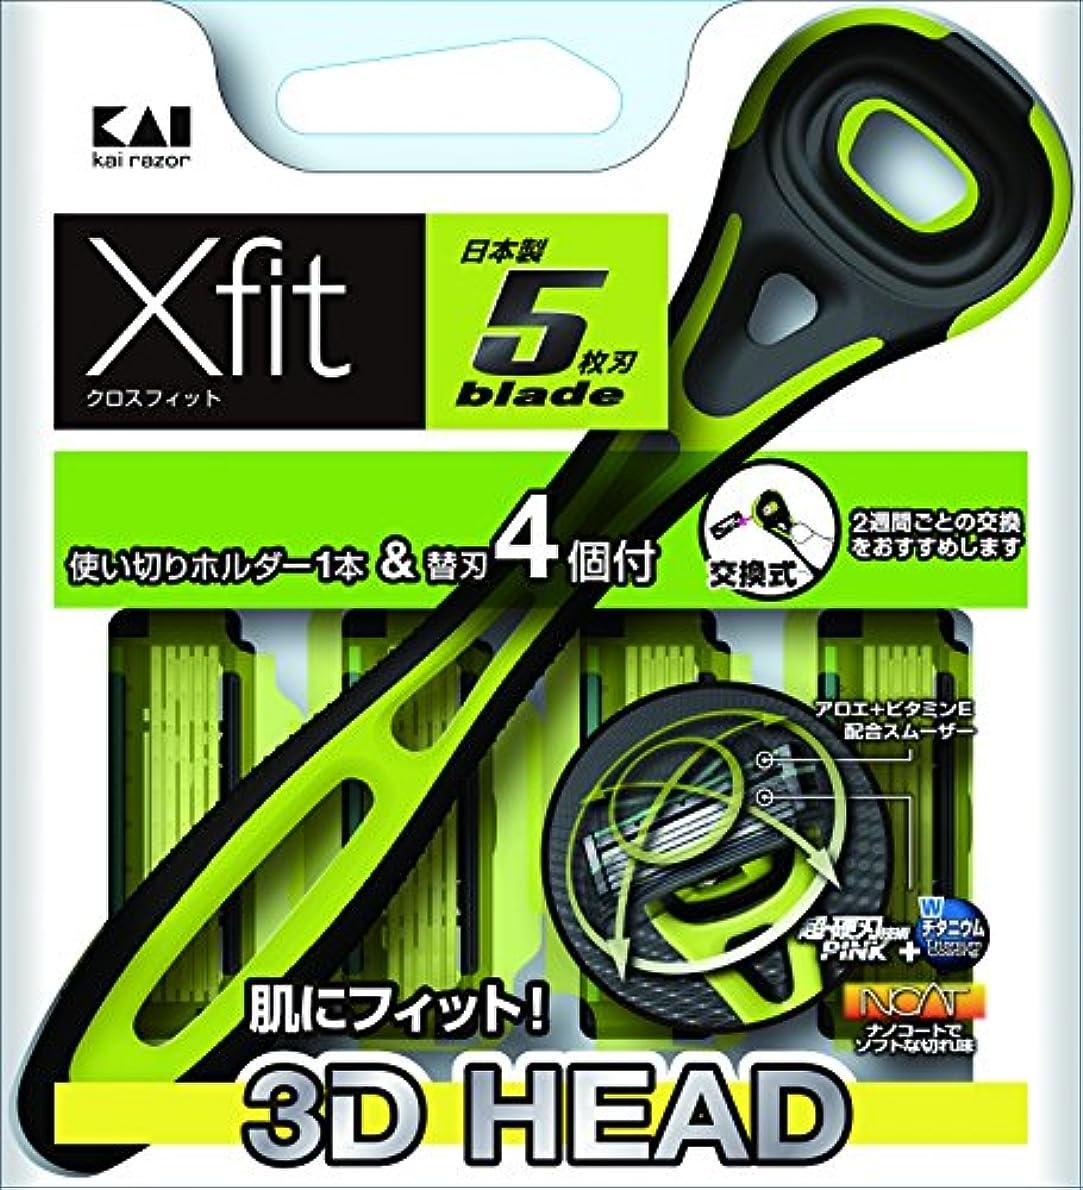 名義で流肺Xfit(クロスフィット)5枚刃 クリアパッケージ 使い切りホルダー+替刃4個